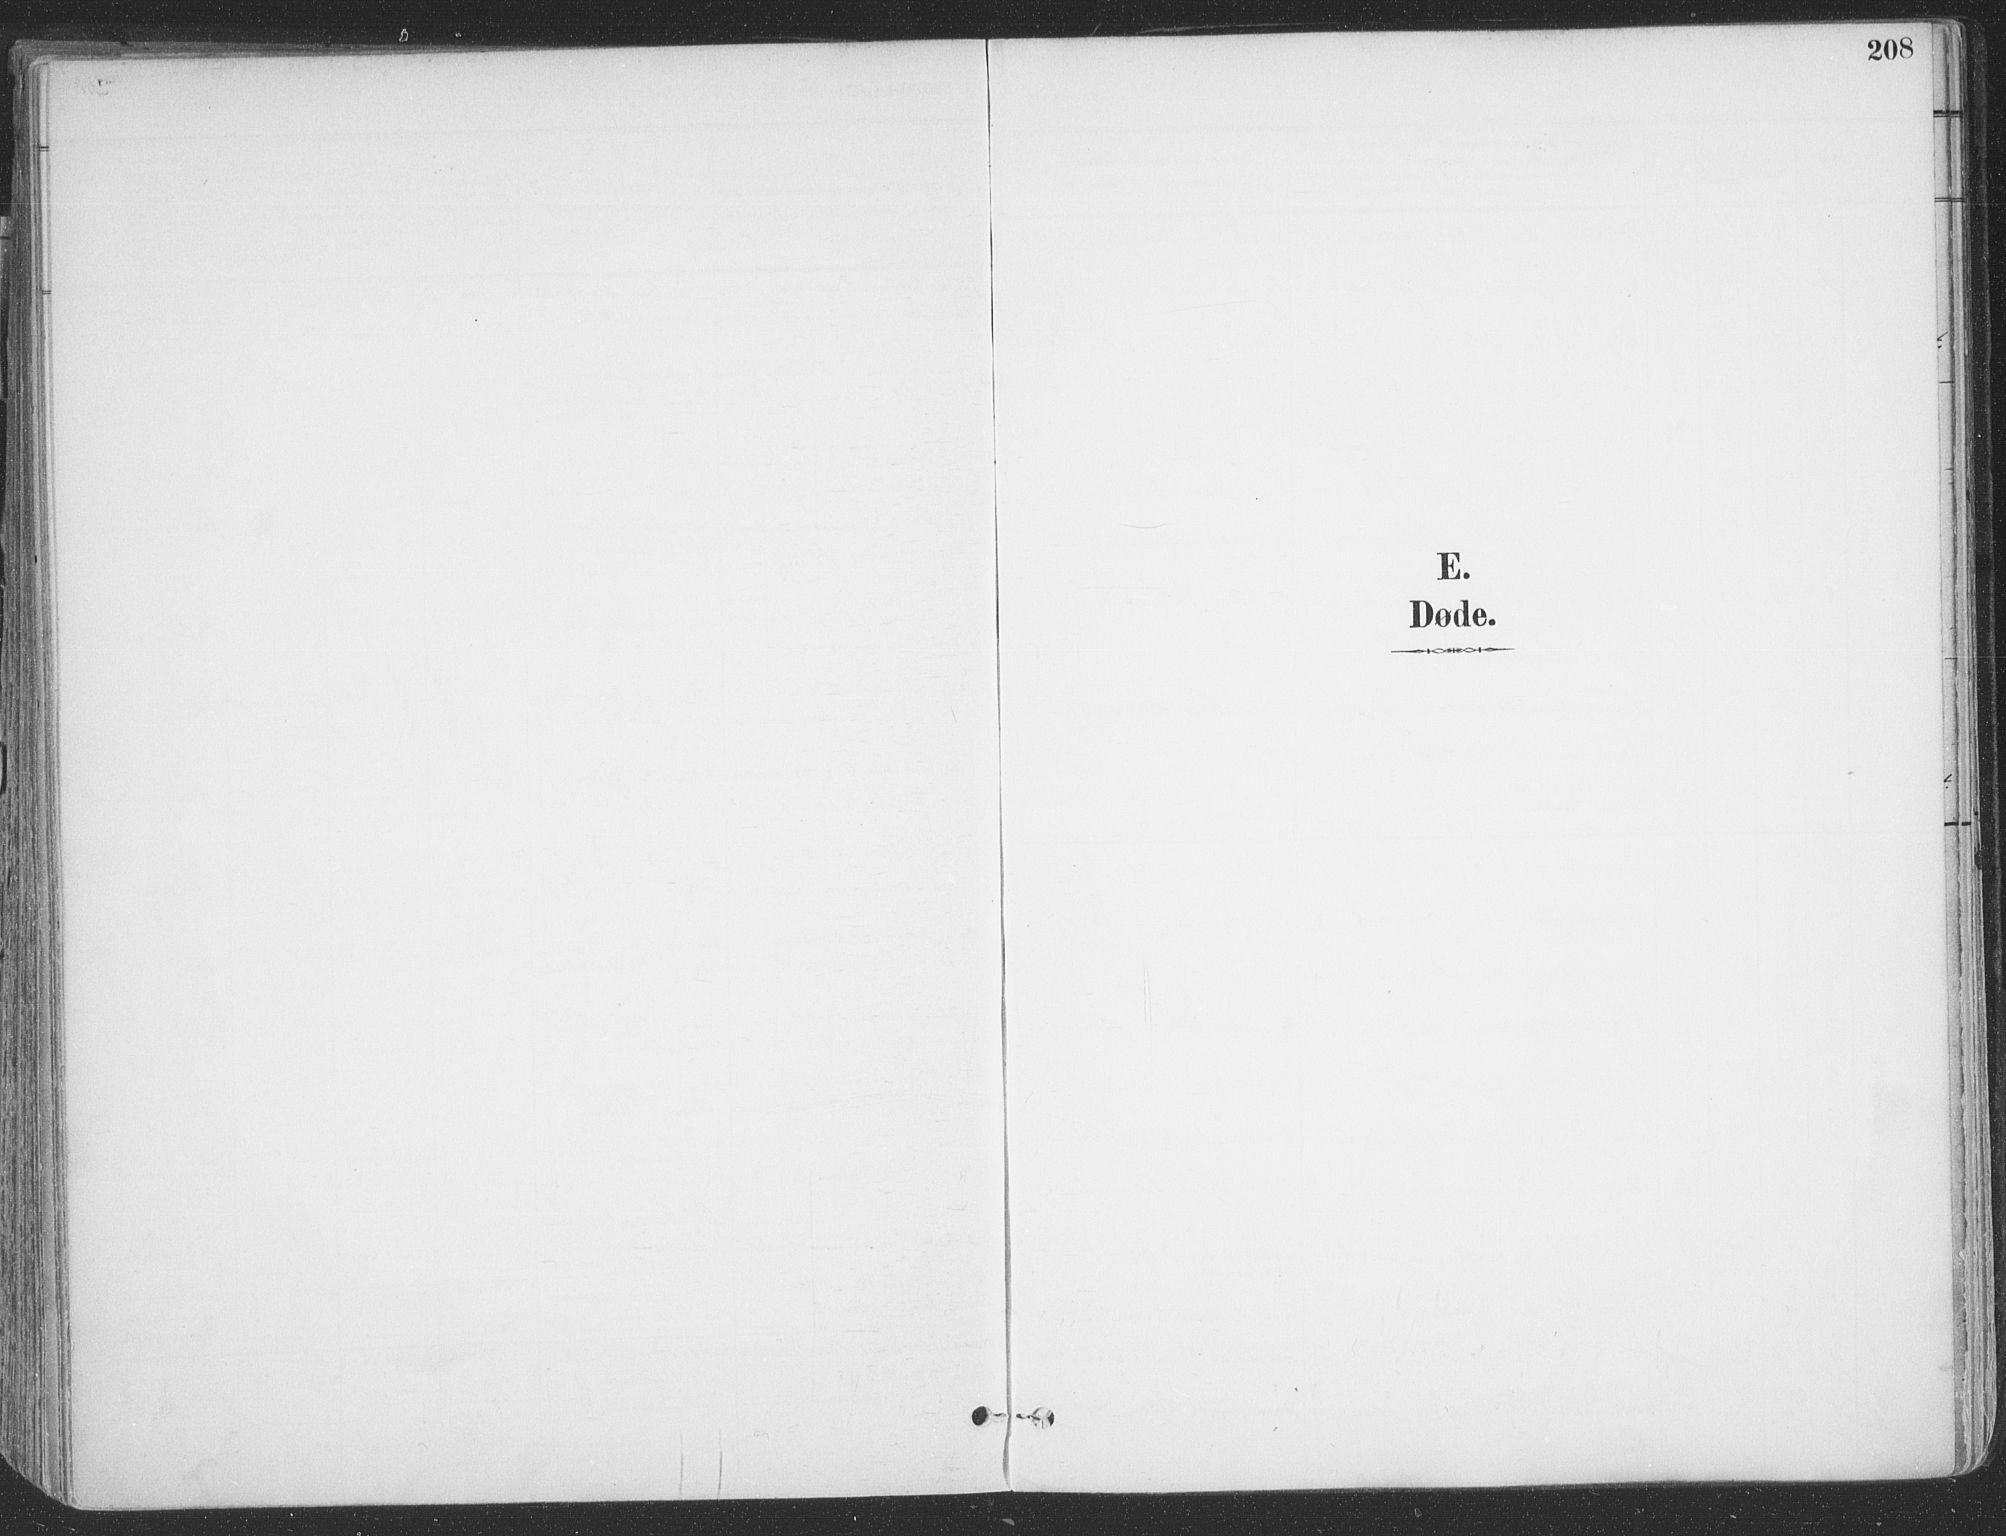 SATØ, Vadsø sokneprestkontor, H/Ha/L0007kirke: Parish register (official) no. 7, 1896-1916, p. 208